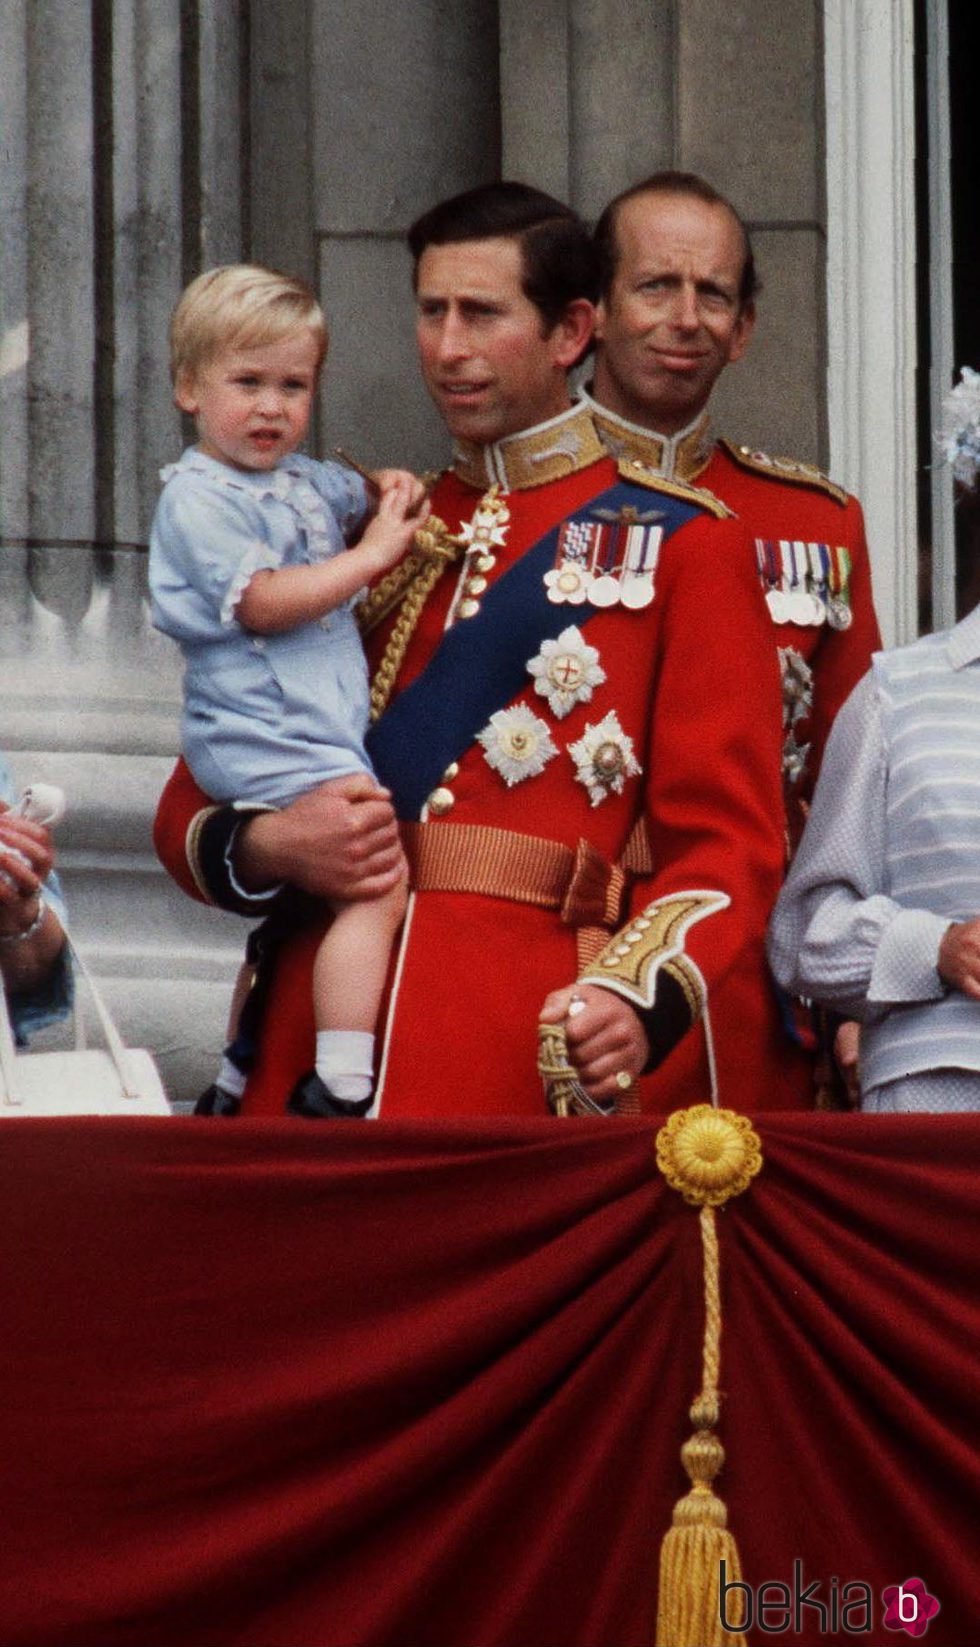 El Príncipe Carlos con su hijo Guillermo de Inglaterra en el Trooping the Colour 1984